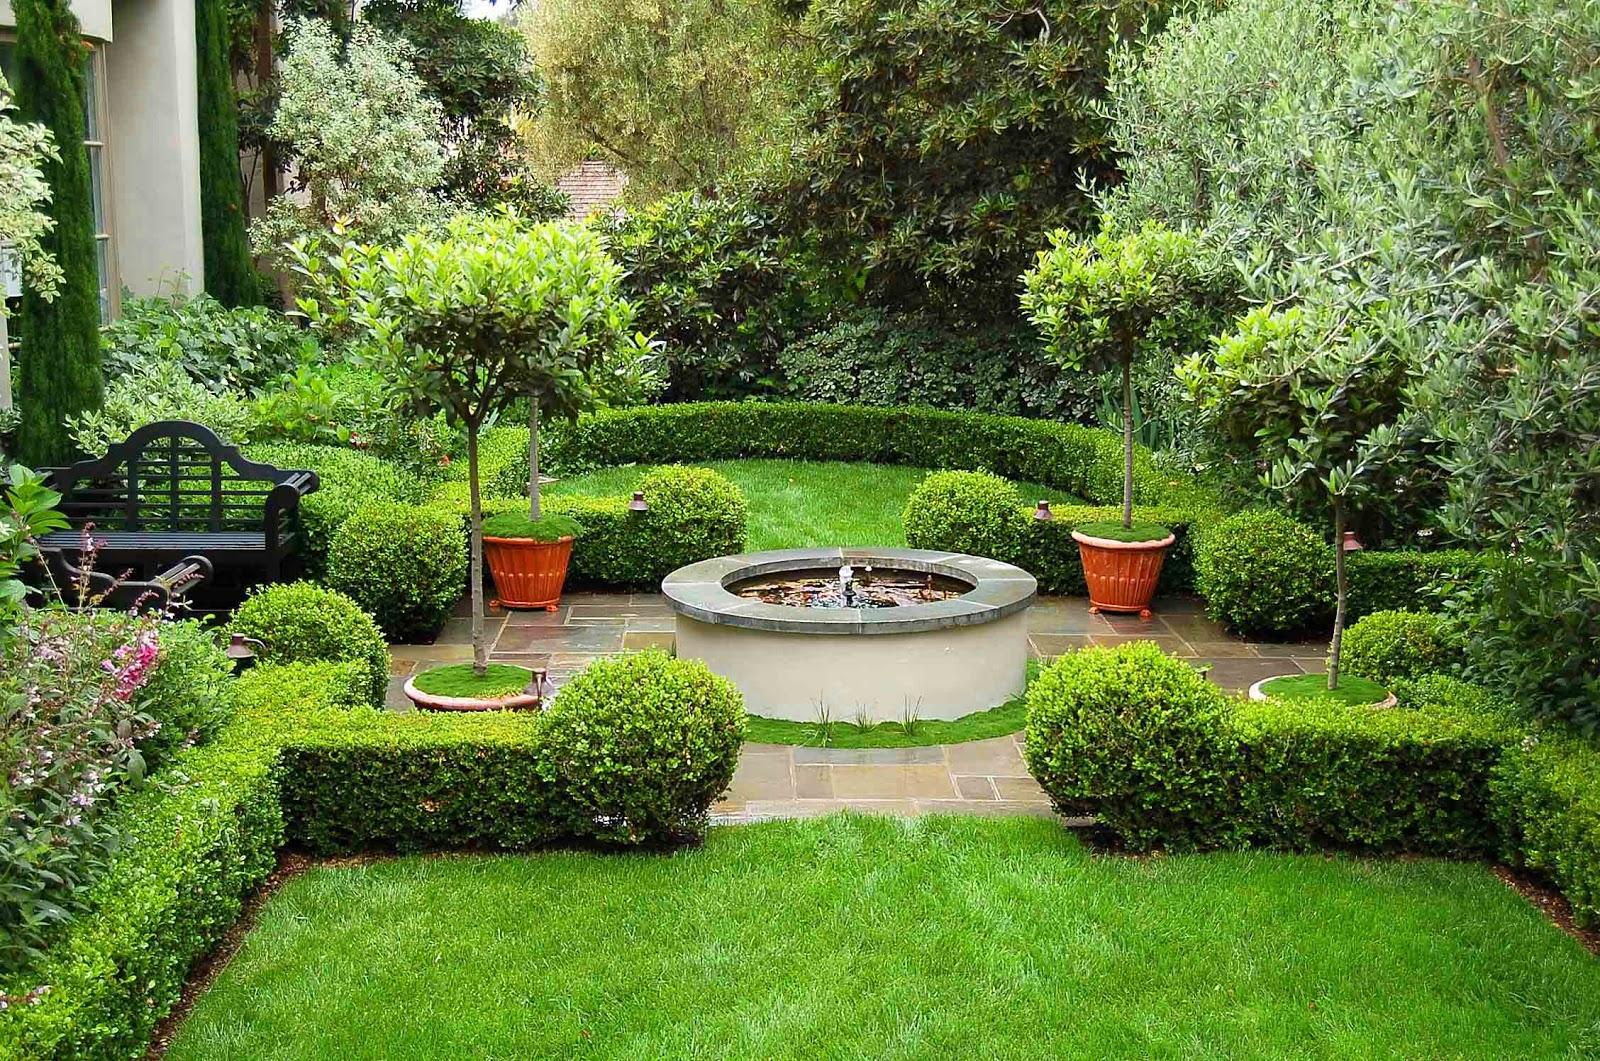 garden design ideas mediterranean photo - 4